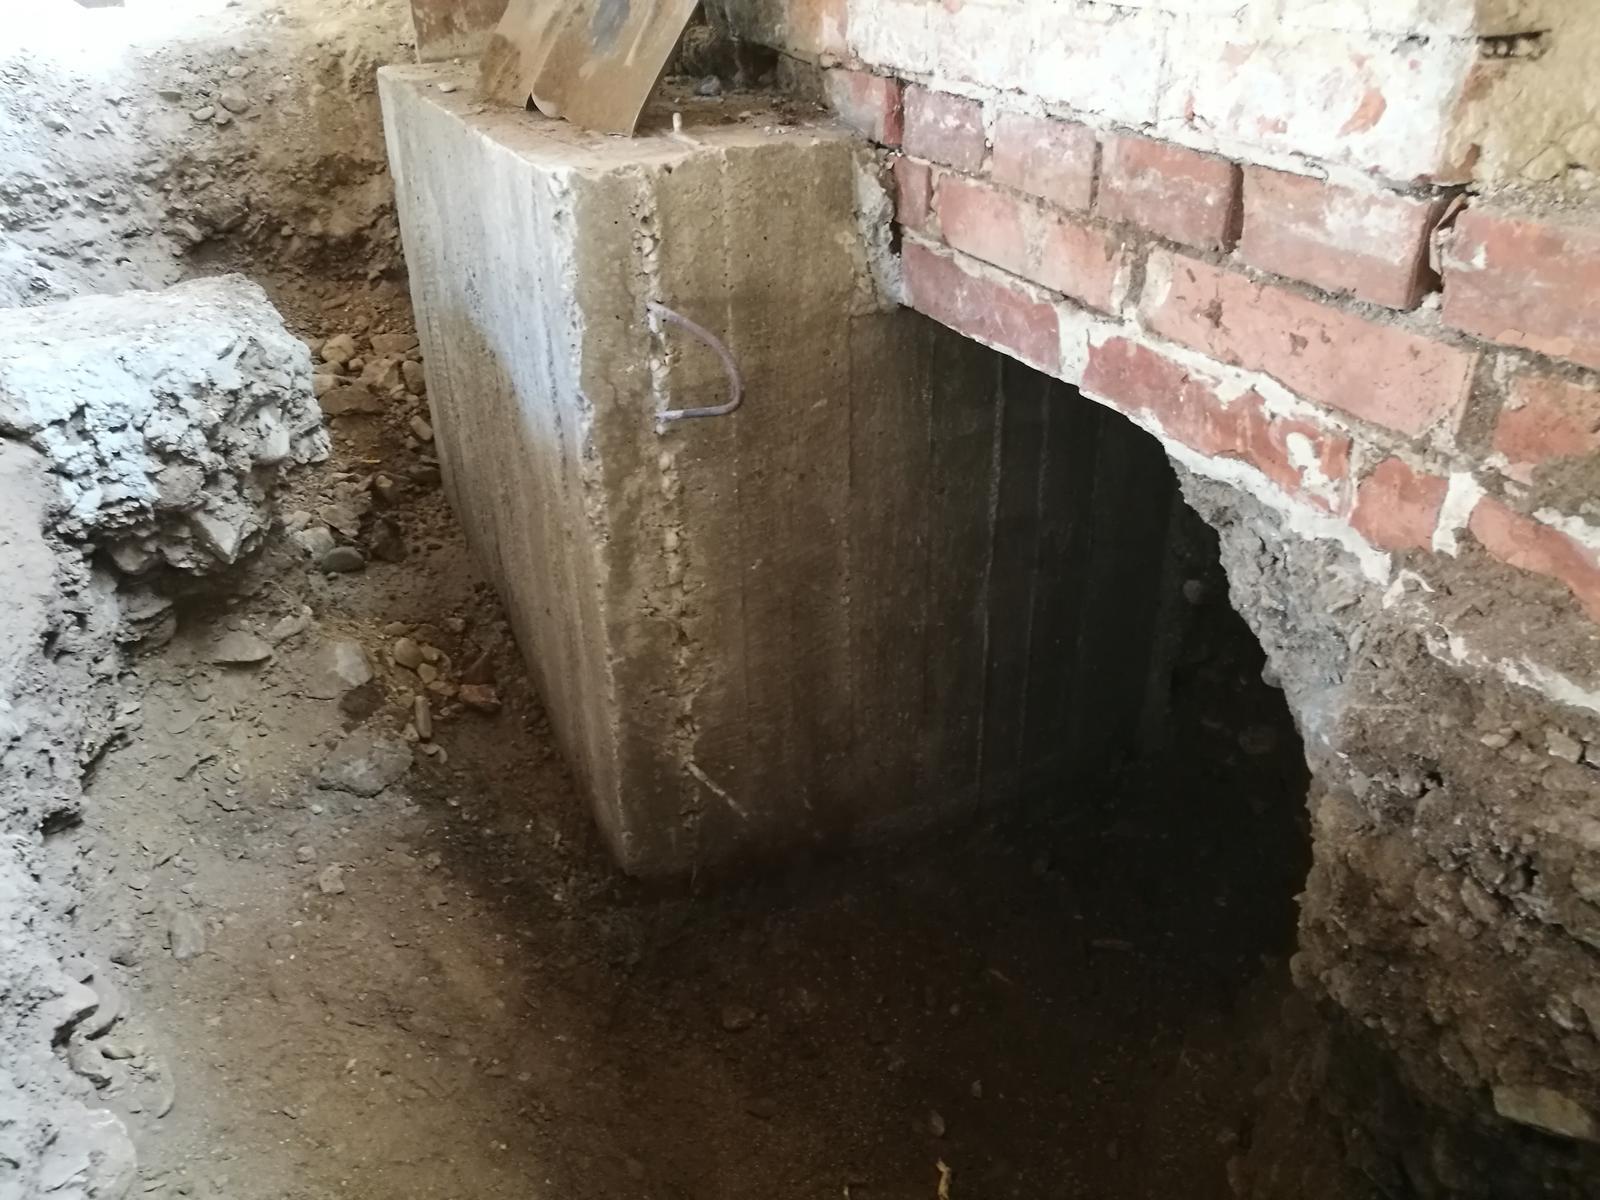 Náš budúci domov - rekonštrukcia rodinného domu - Meter betónového základu po odstranení šalungu. Nadpájanie ďalších metrov budem robiť roxormi kotvenými chemickou kotvou.